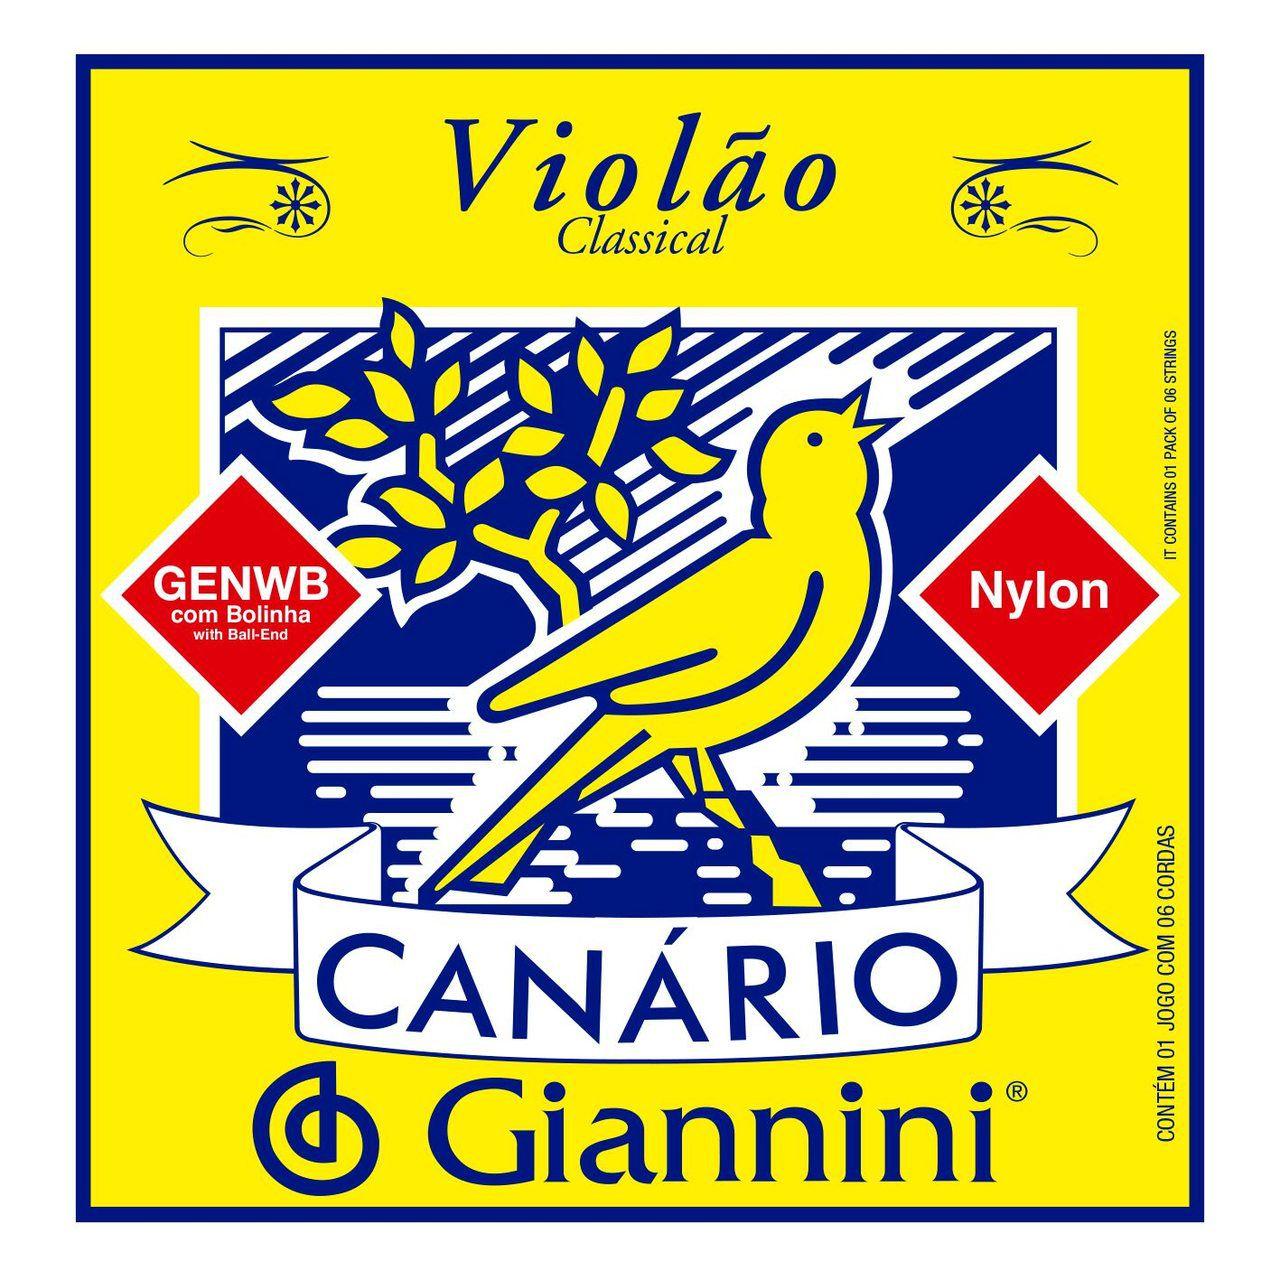 Encordoamento p/Violão Nylon Giannini Canário c/bolinha GENWB